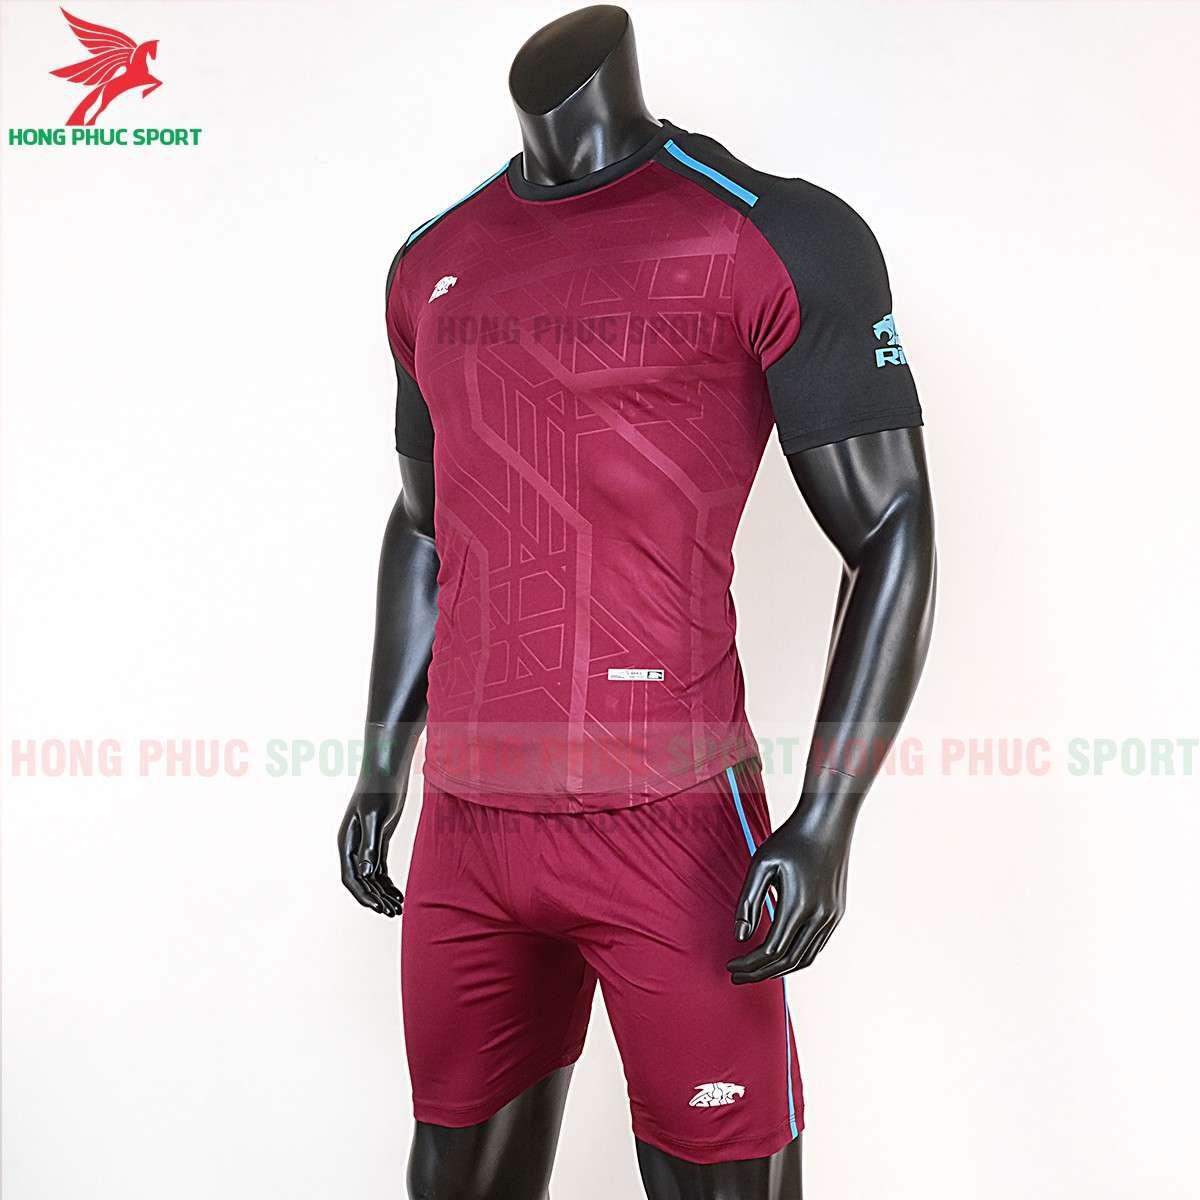 https://cdn.hongphucsport.com/unsafe/cdn.hongphucsport.com/dothethao.net.vn/wp-content/uploads/2020/02/ao-bong-da-khong-logo-riki-shaman-do-do-4.jpg